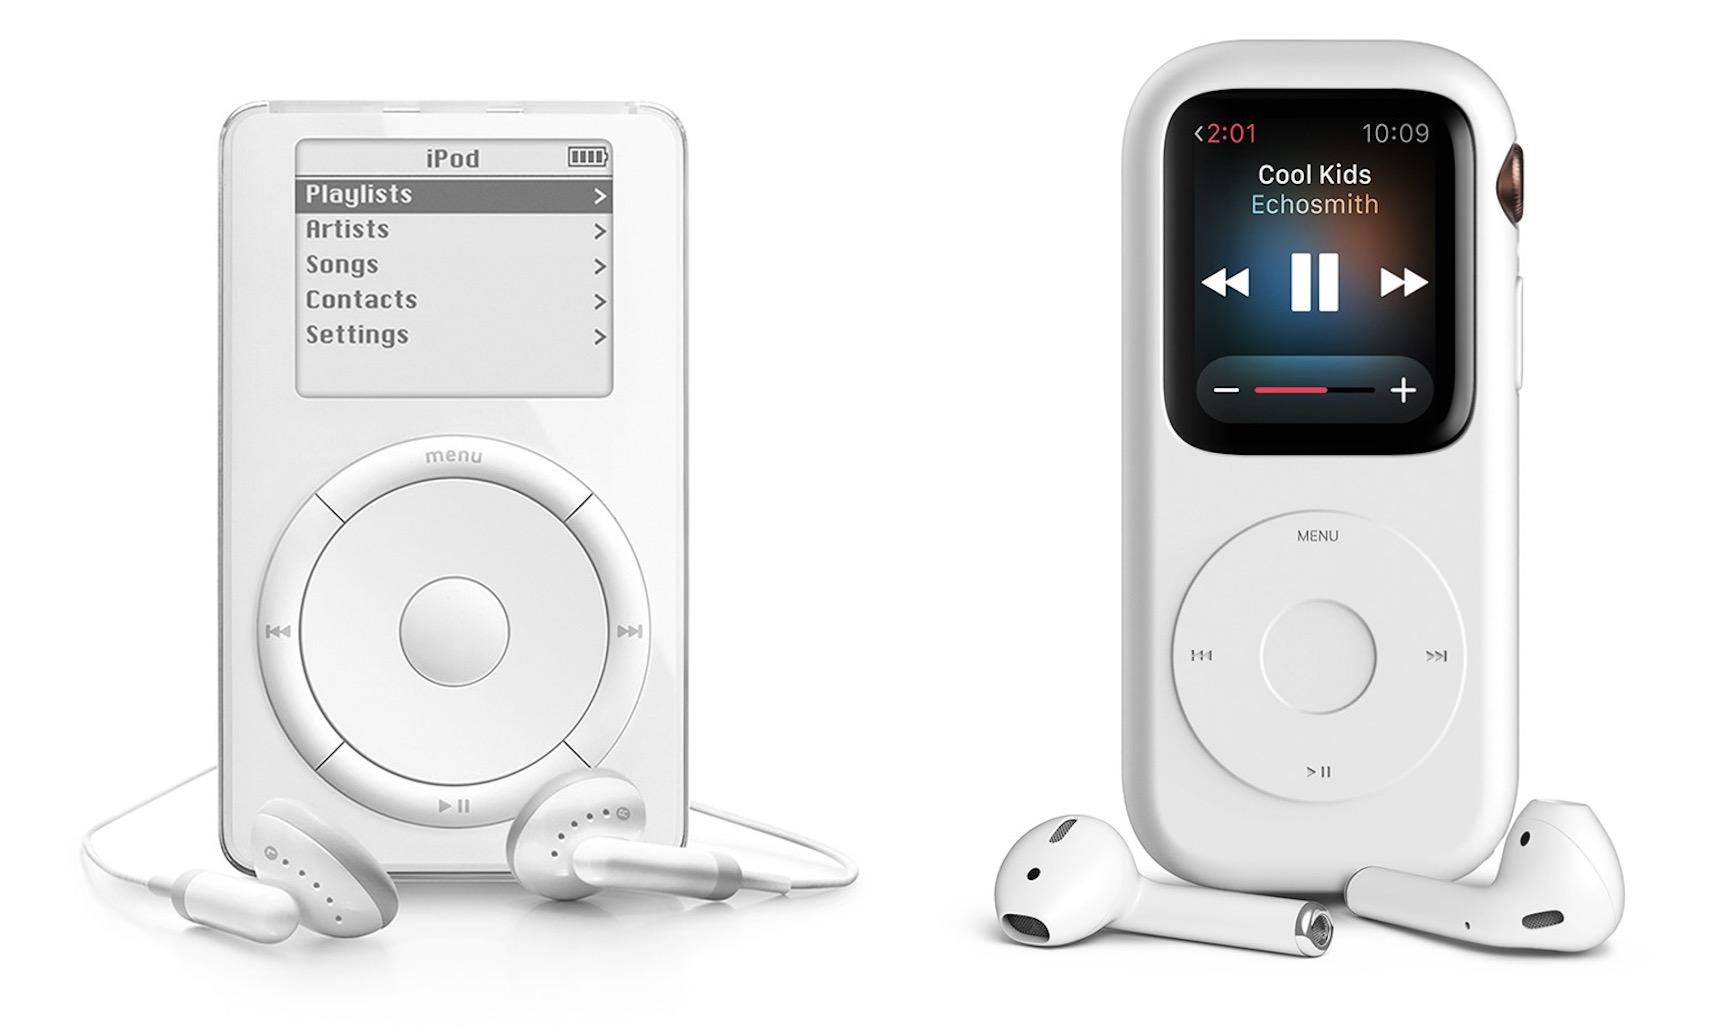 L'Apple Watch transformée en iPod Nano dans un concept ...